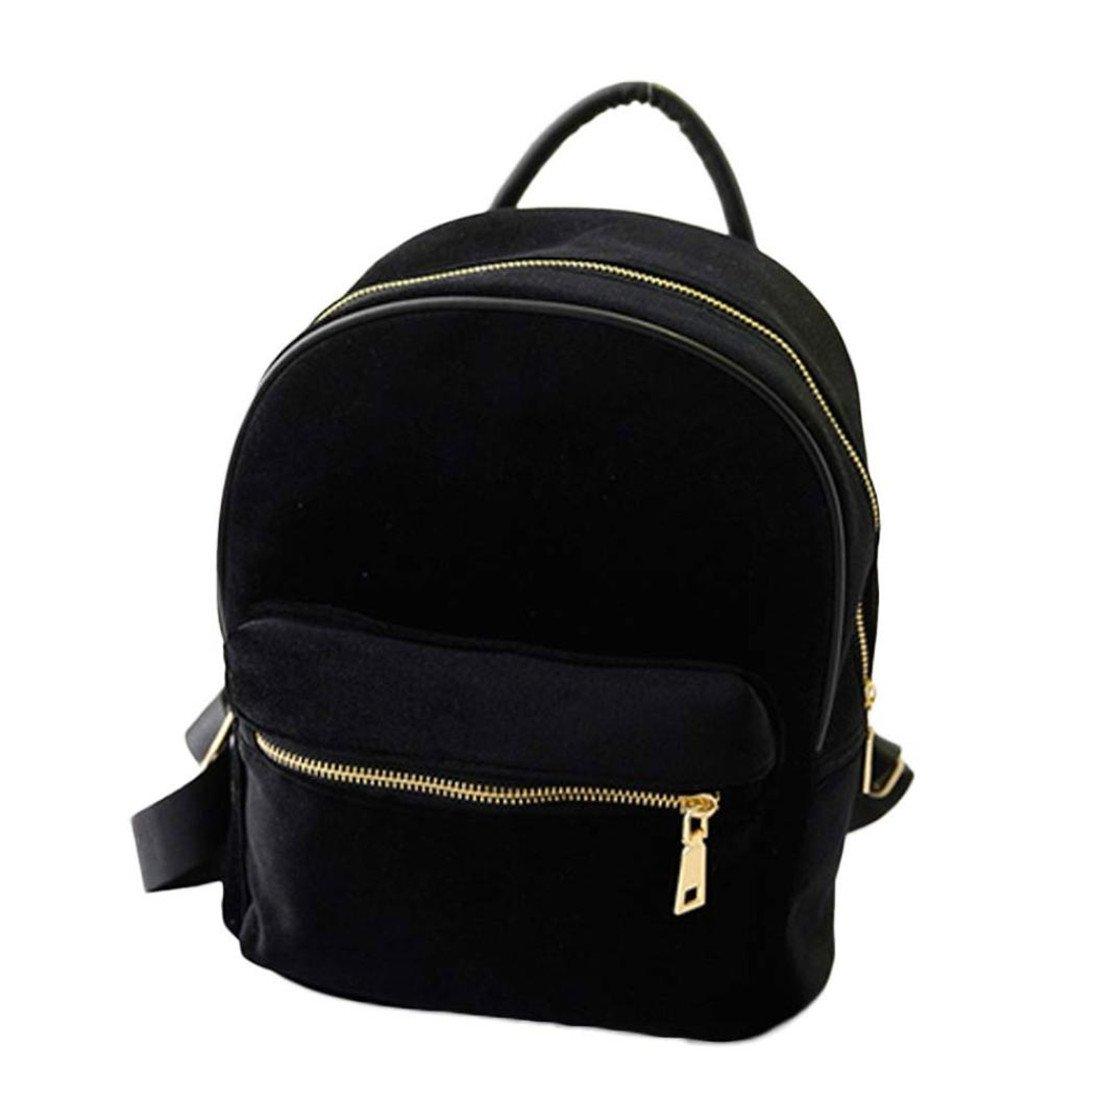 Petite taille Sac /à dos Brezeh Pour femme Velours dor/é Sacs /à main de forme de sac /à dos Taille unique noir